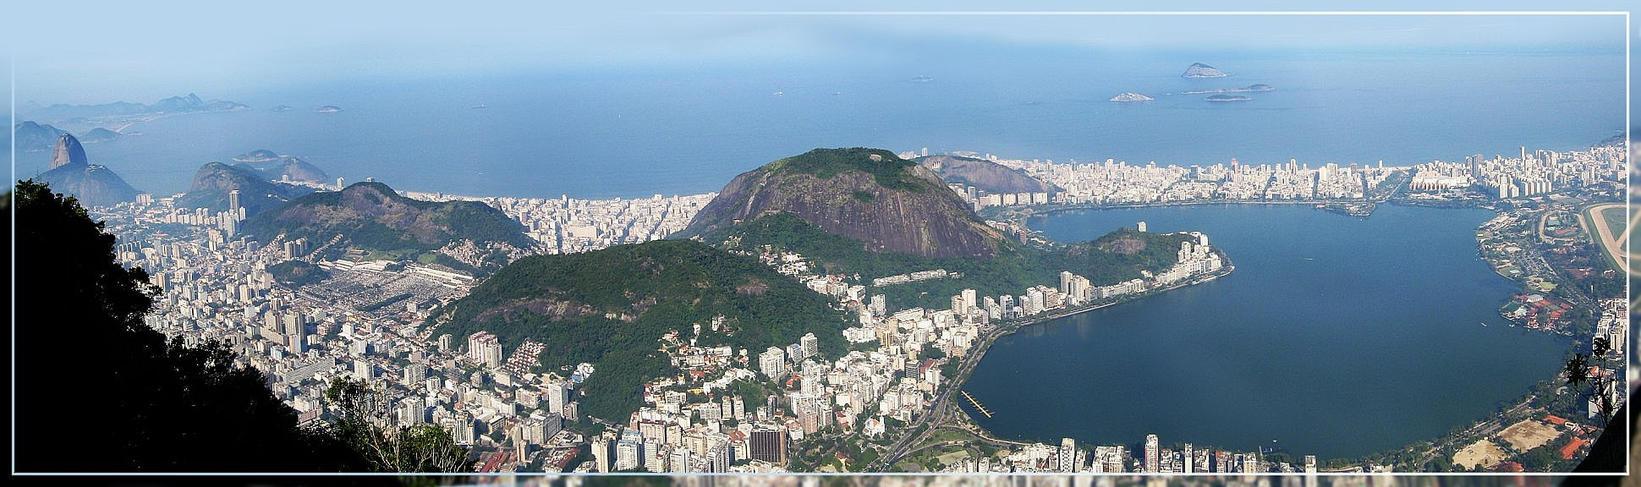 Zona Sul by ViniciusDoideira